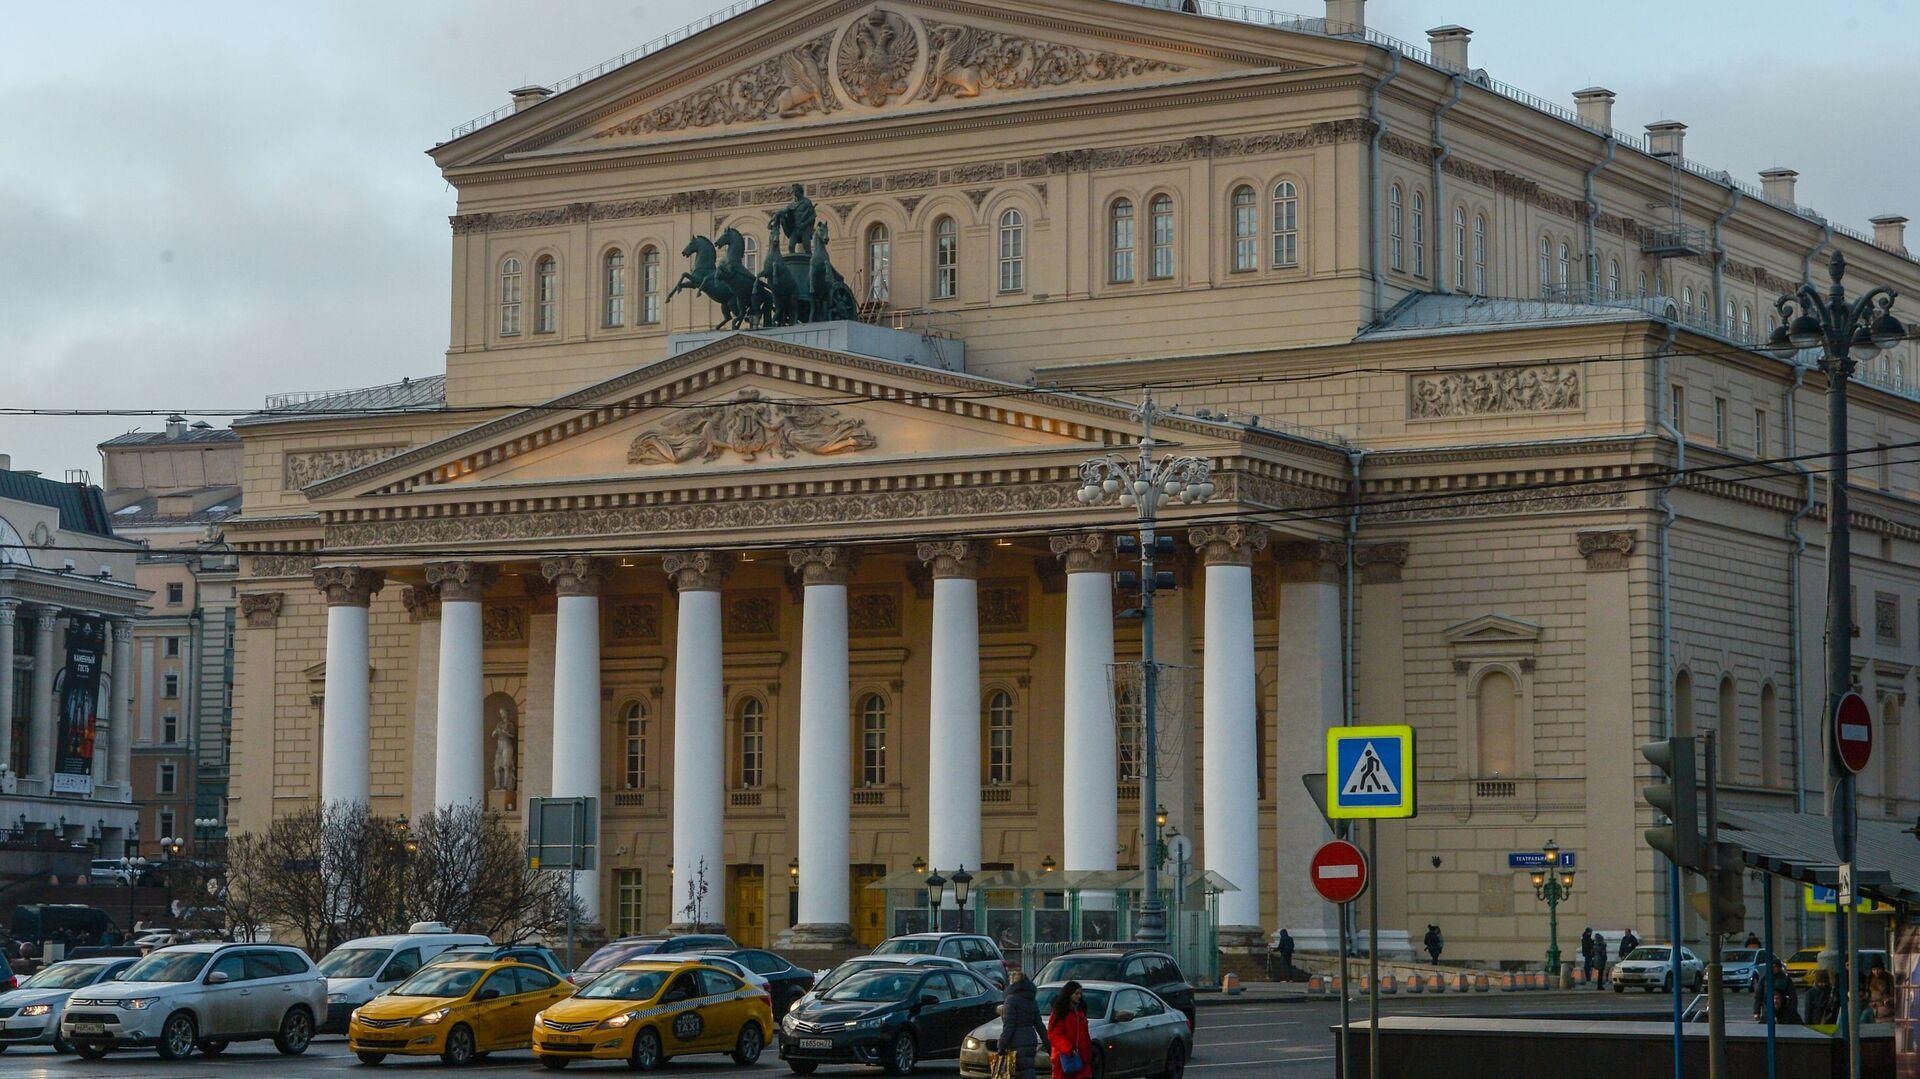 Widok na Państwowy Akademicki Teatr Wielki w Moskwie - Sputnik Polska, 1920, 09.10.2021